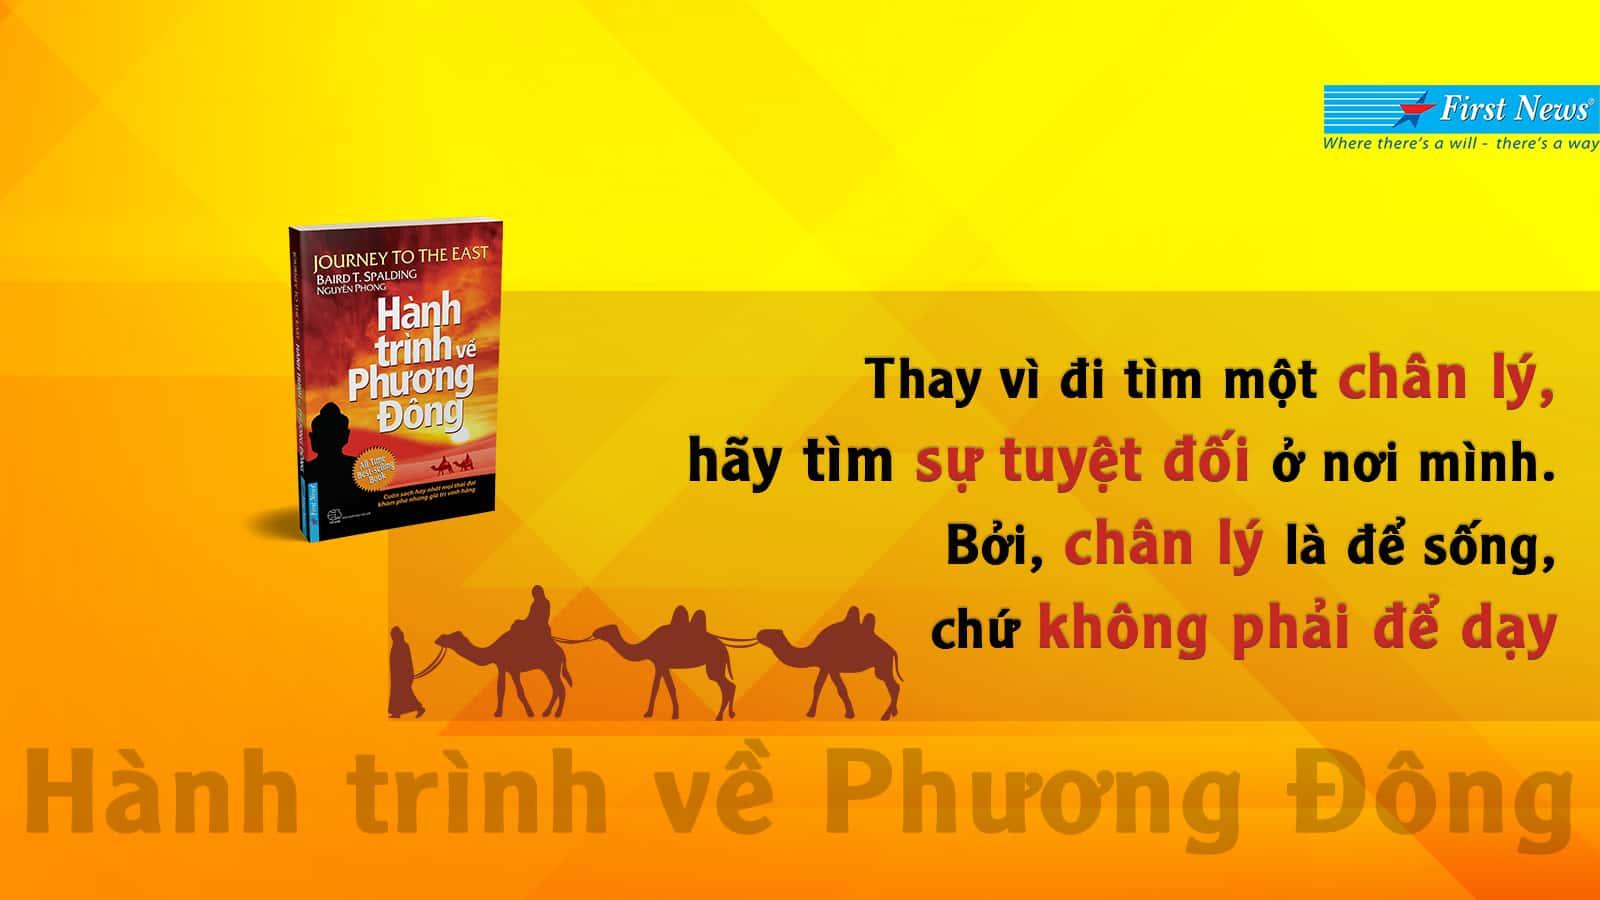 hanh-trinh-ve-phuong-dong-nguyen-phong